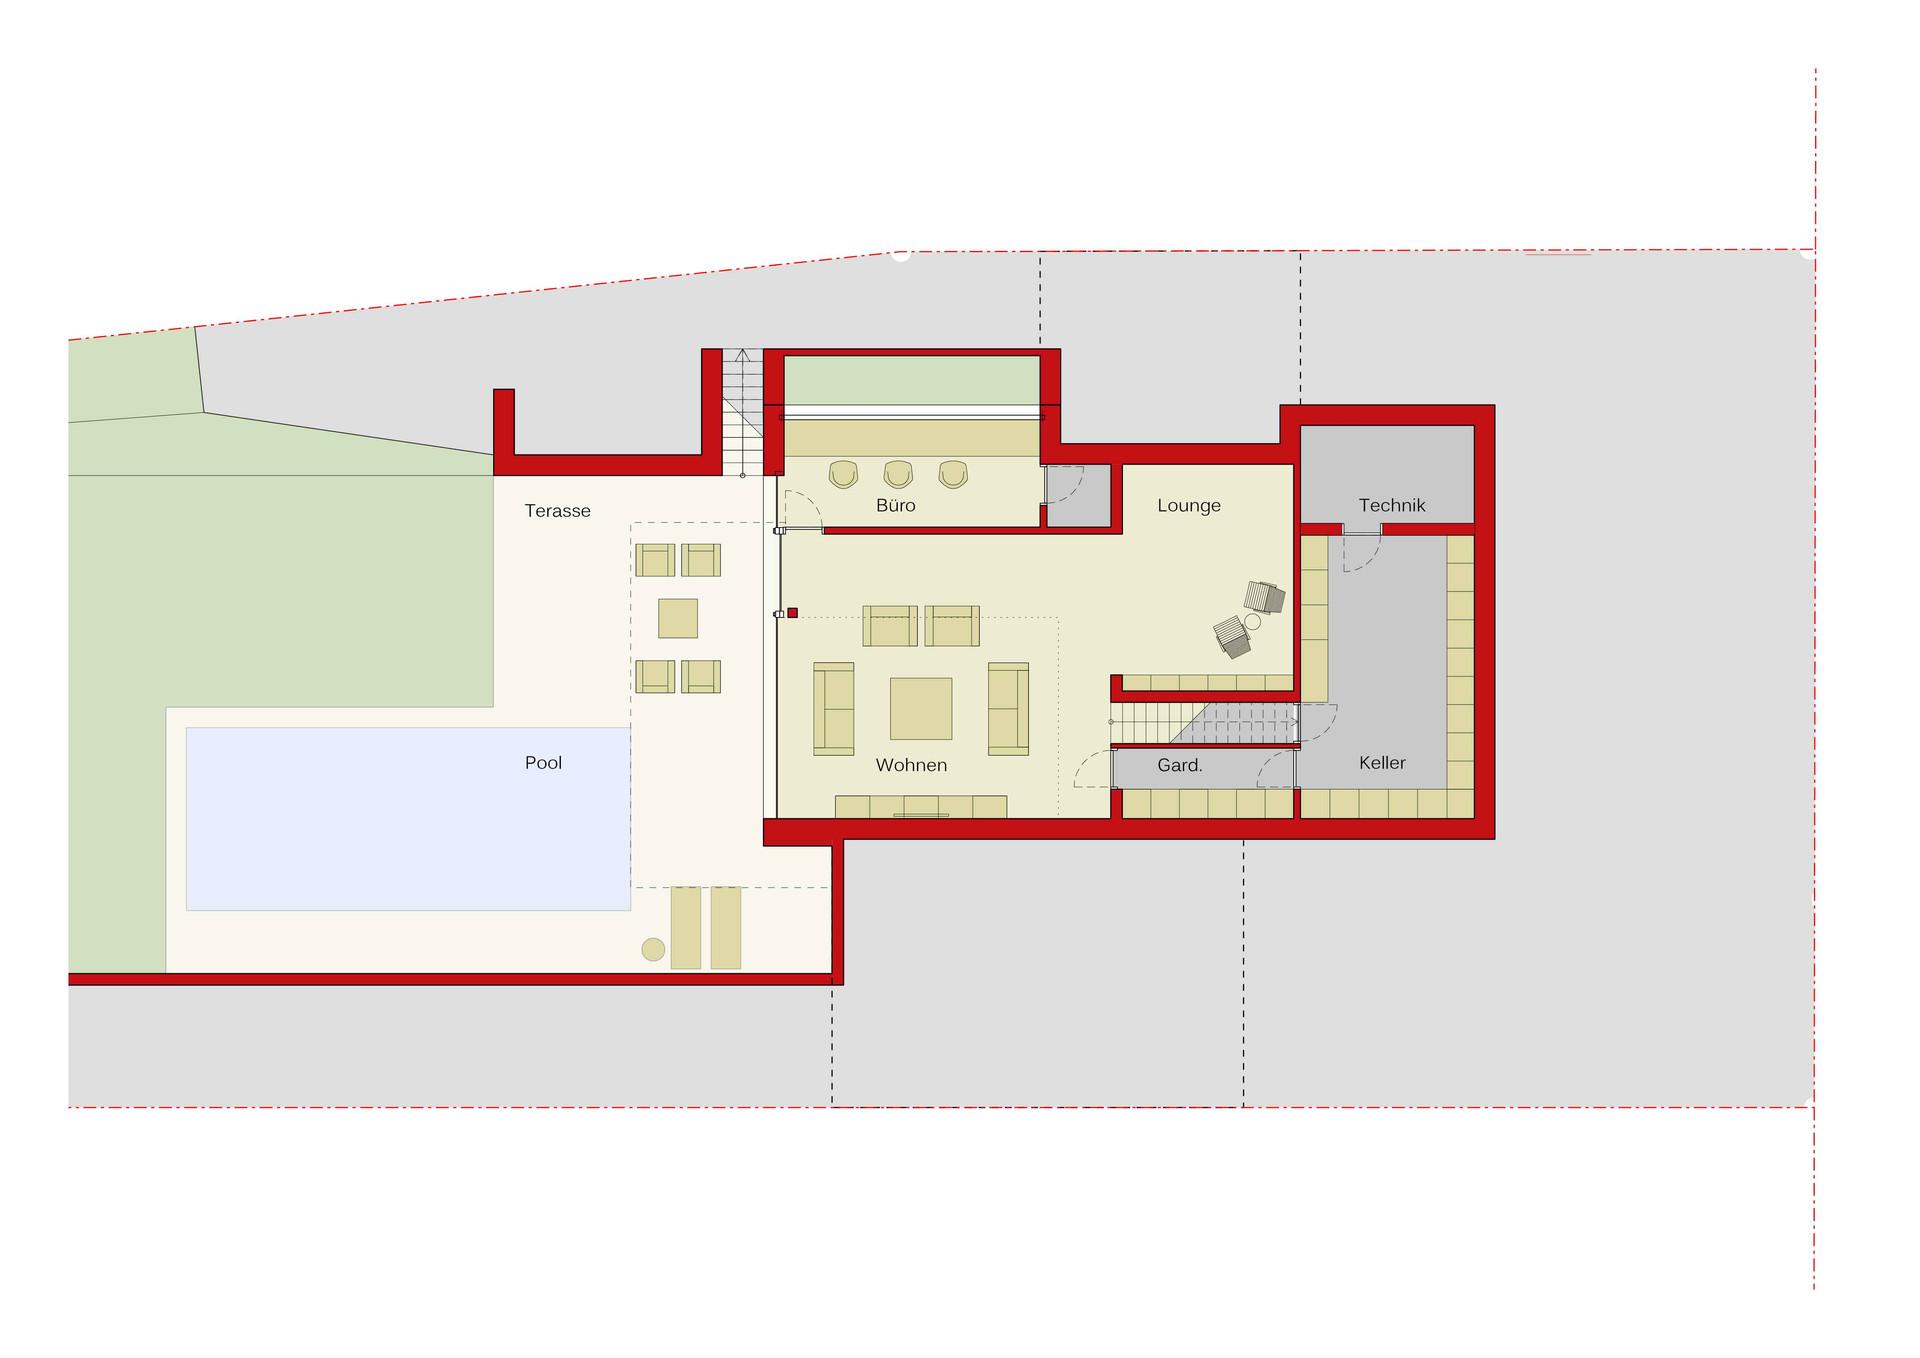 H58 Wohnhaus Grundriss | Ben Dieckmann architects